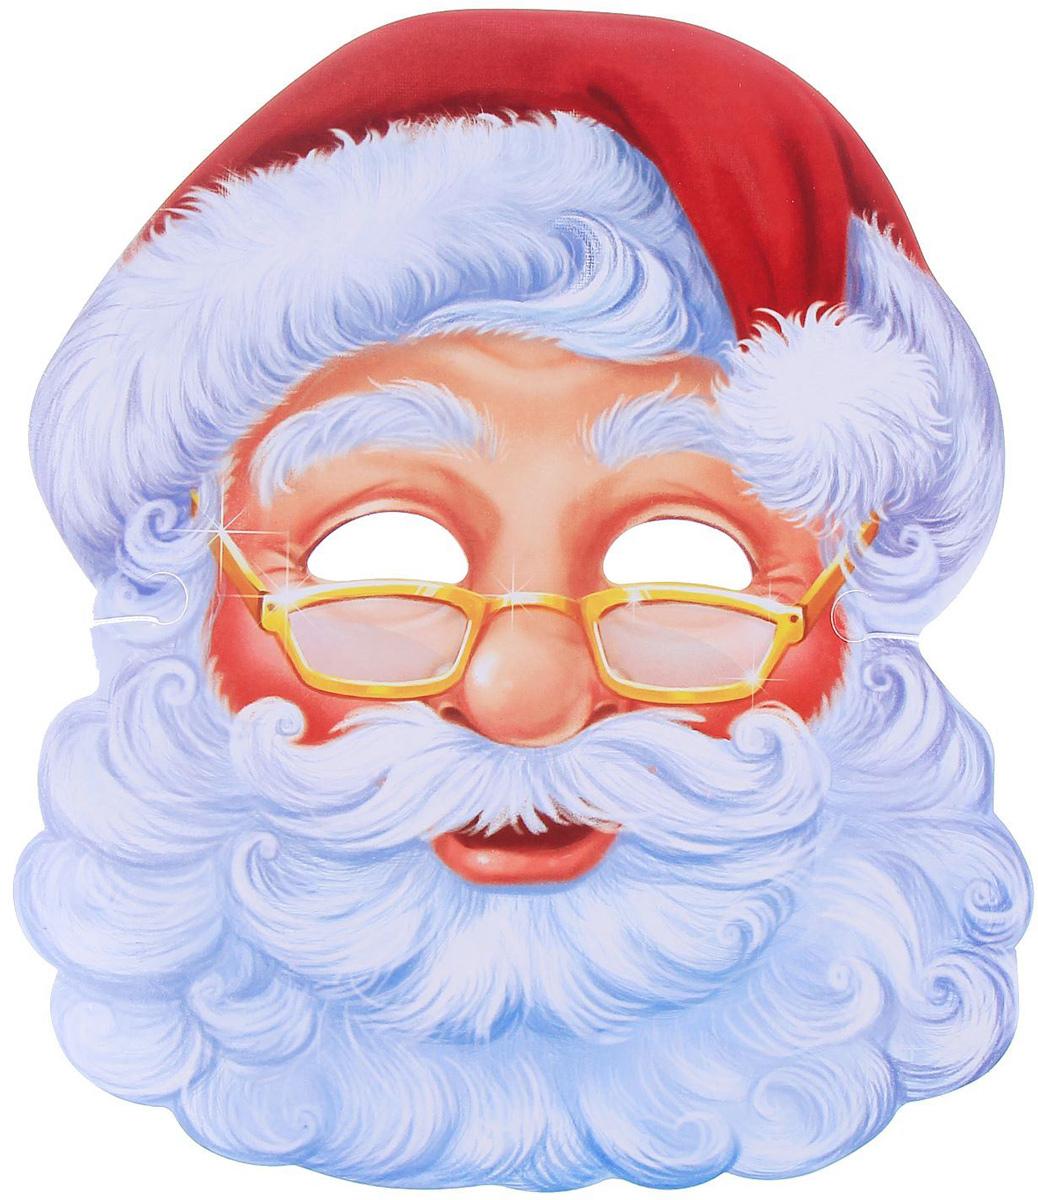 Маска карнавальная  Санта Клаус , 24,1 х 28 см -  Маски карнавальные